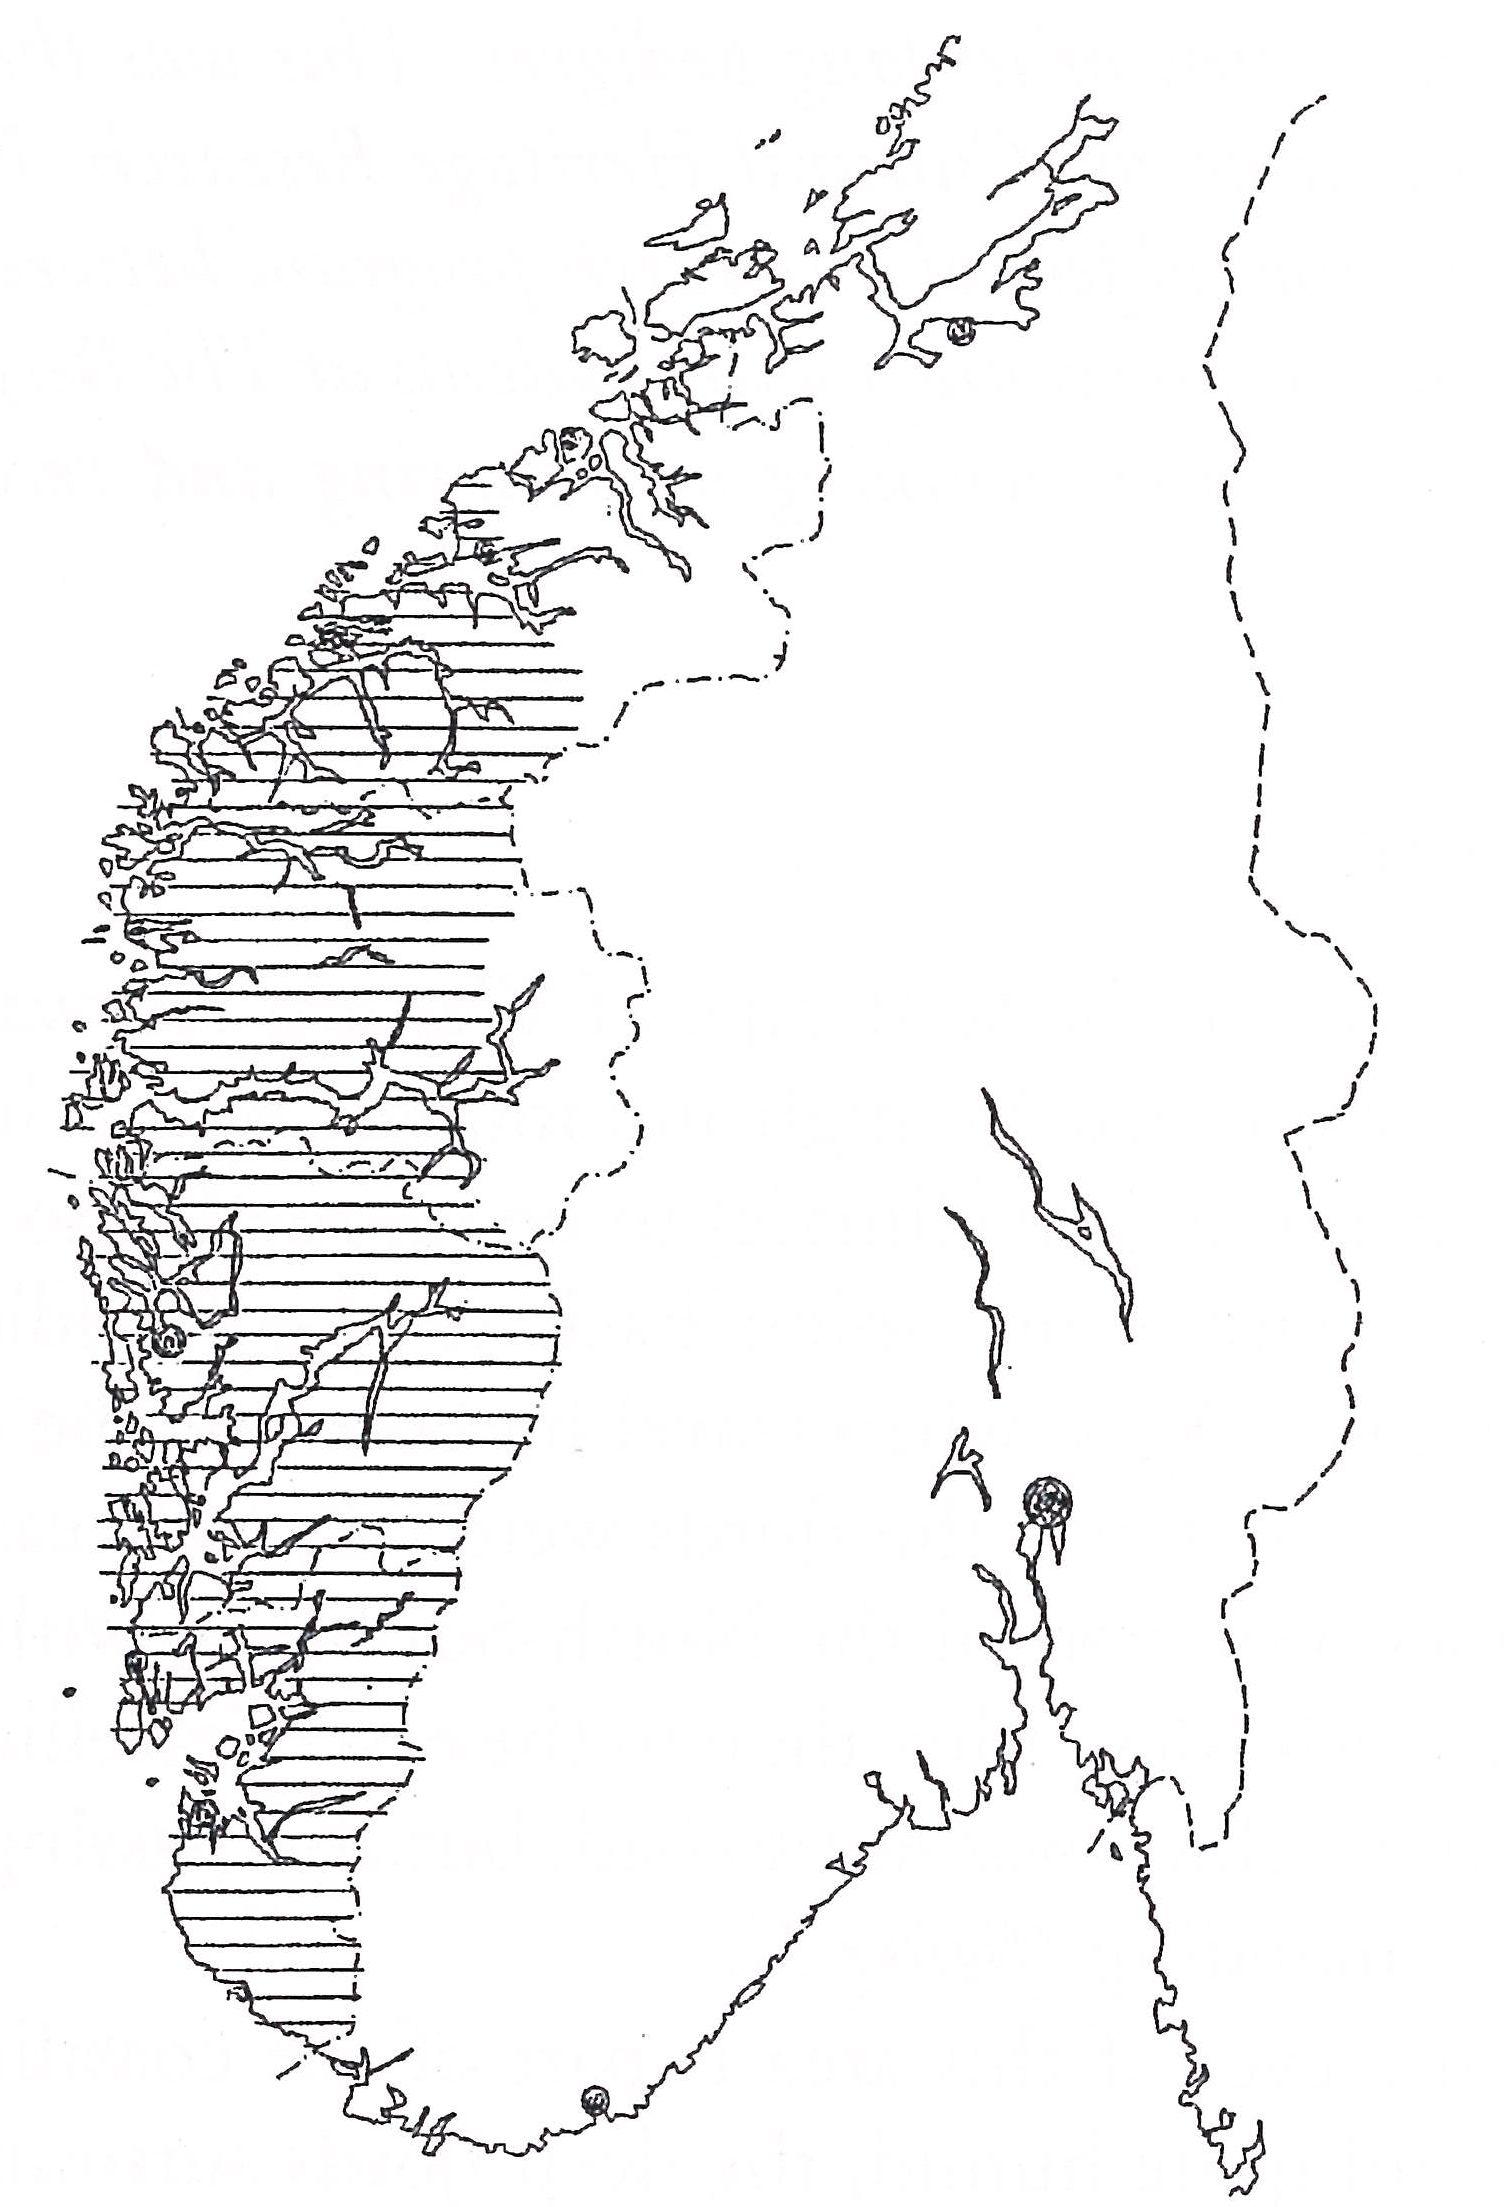 Mapa Norwegii ilustrująca obszar występowania konstrukcji ramowej